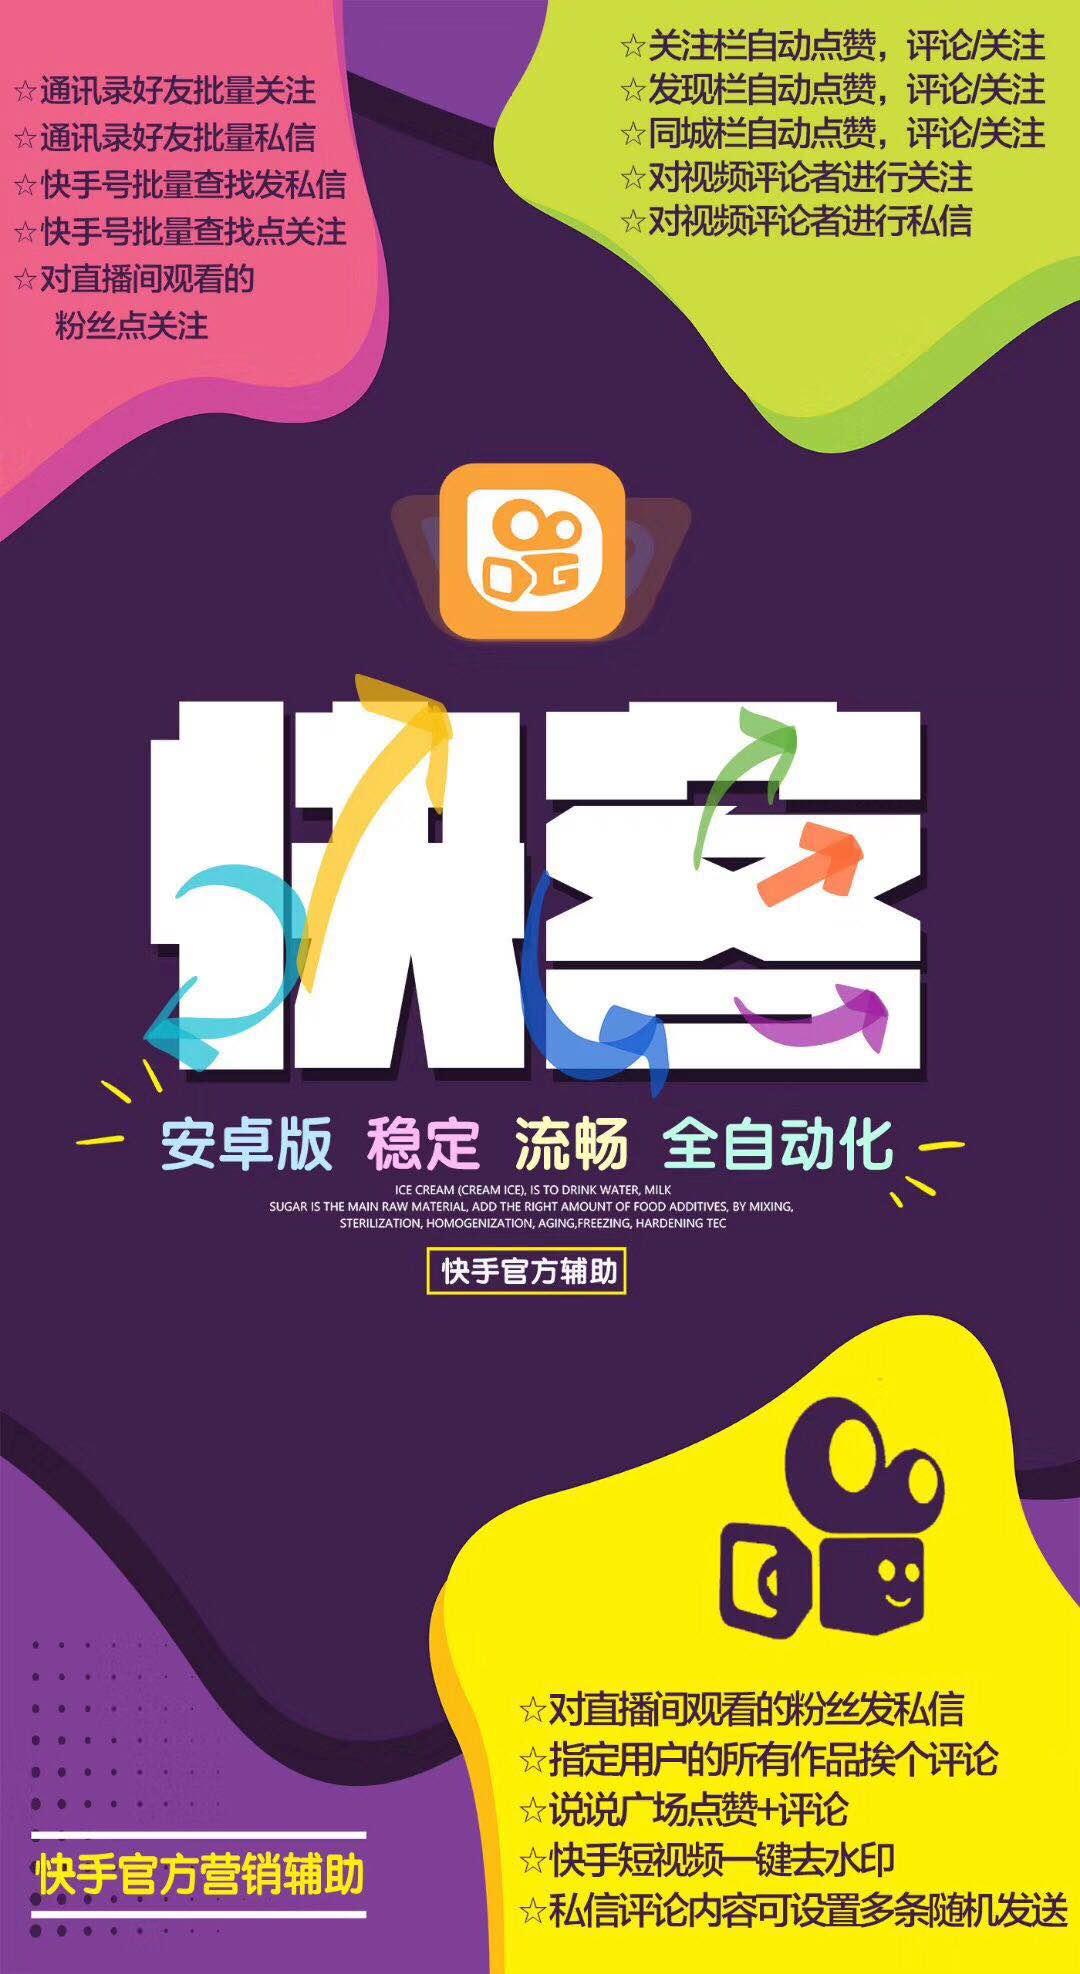 【快手快客官网】快手官方辅助类安卓软件正版授权激活码